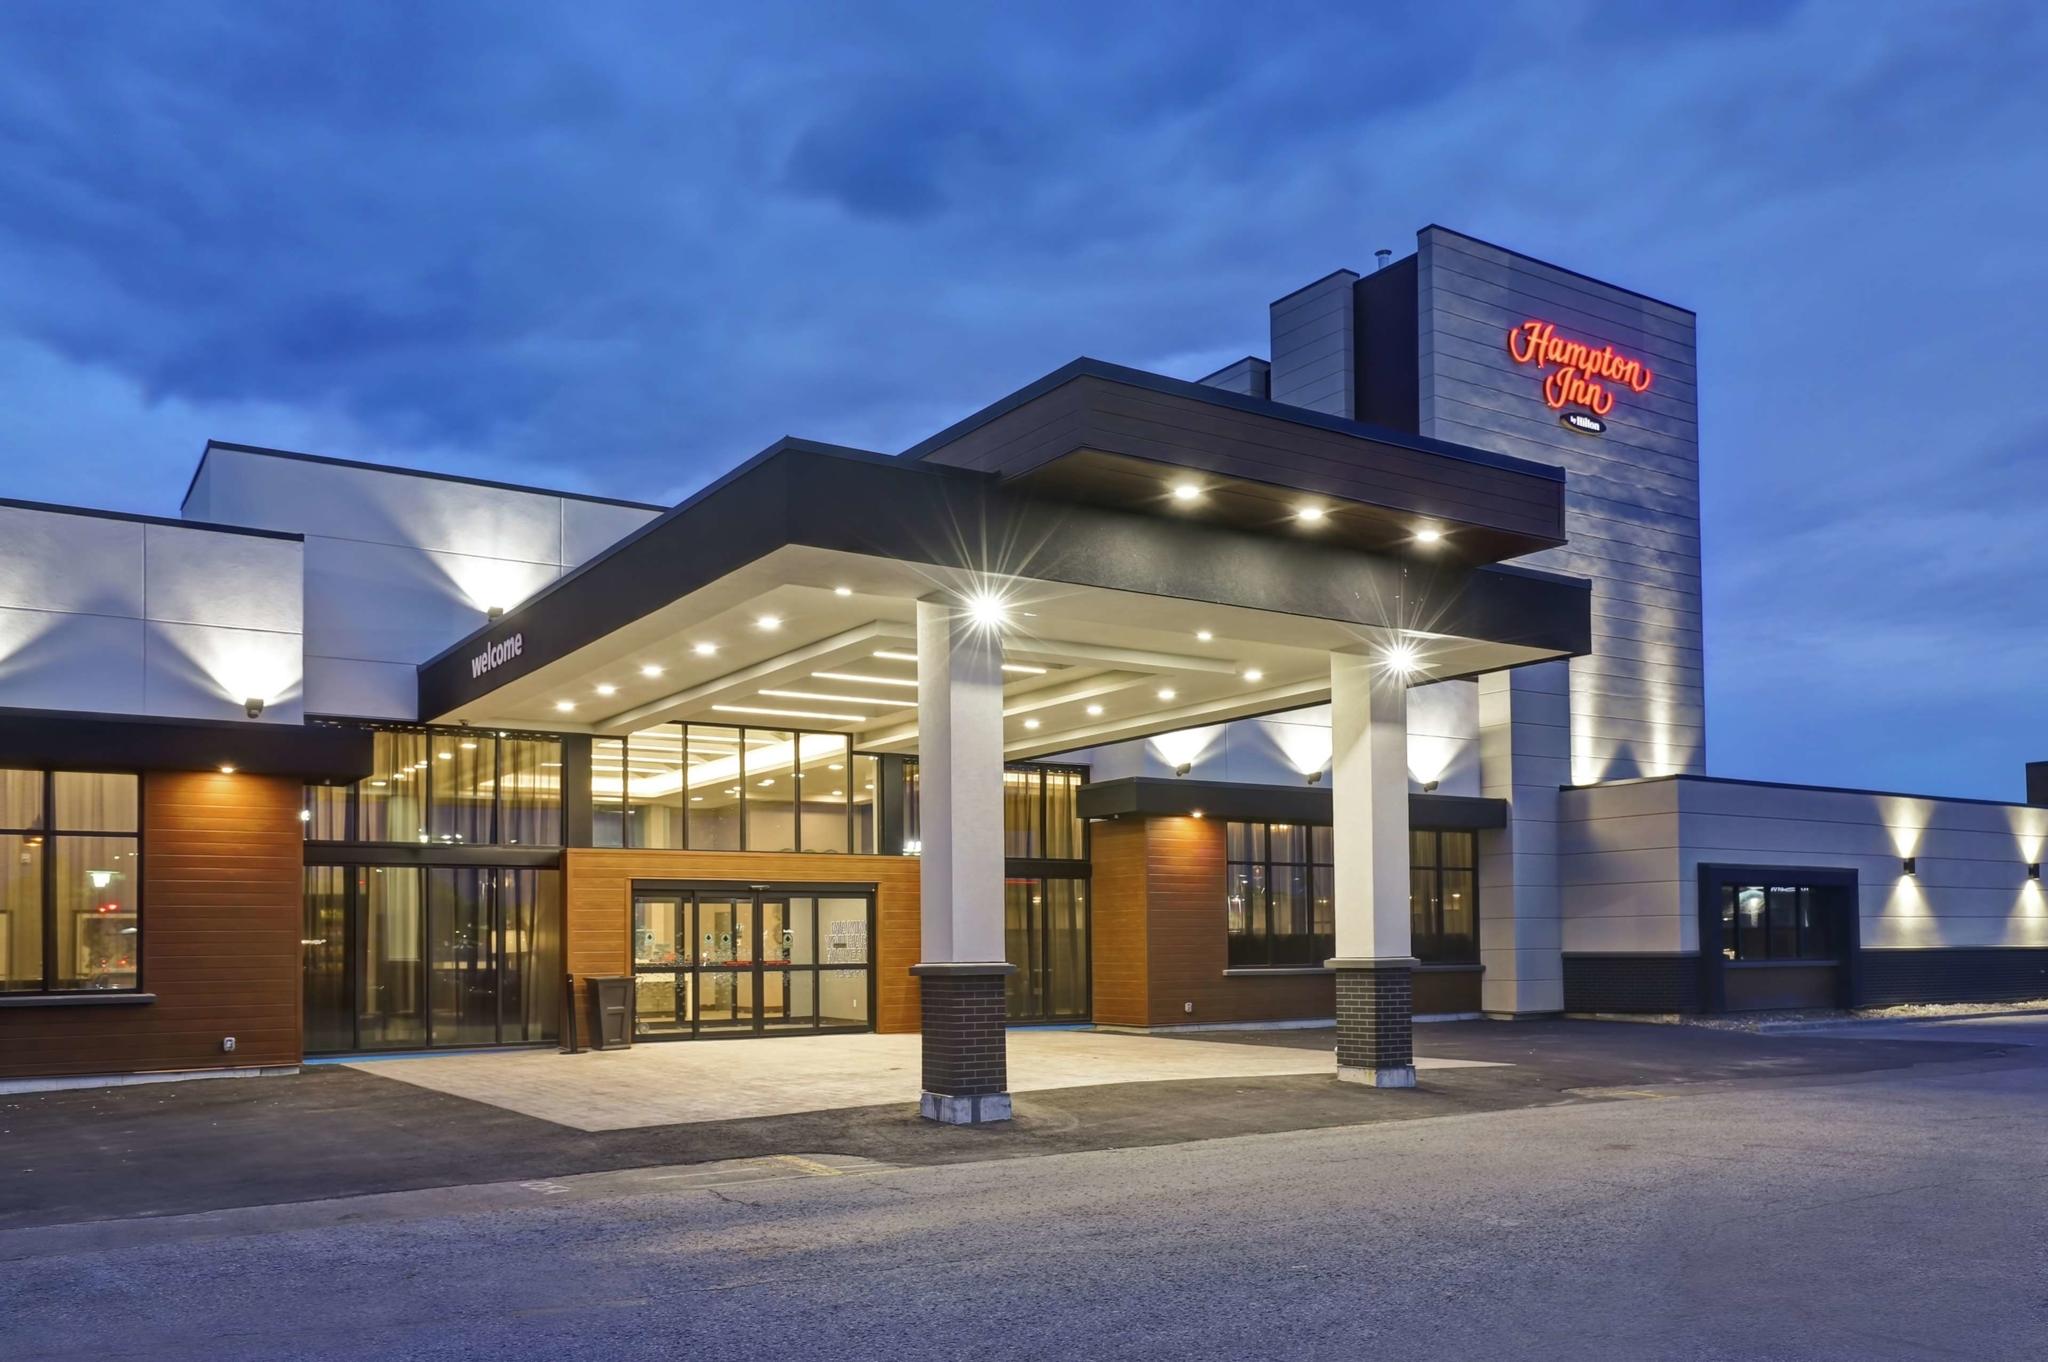 Hampton Inn by Hilton St. Catharines Niagara - Hotels